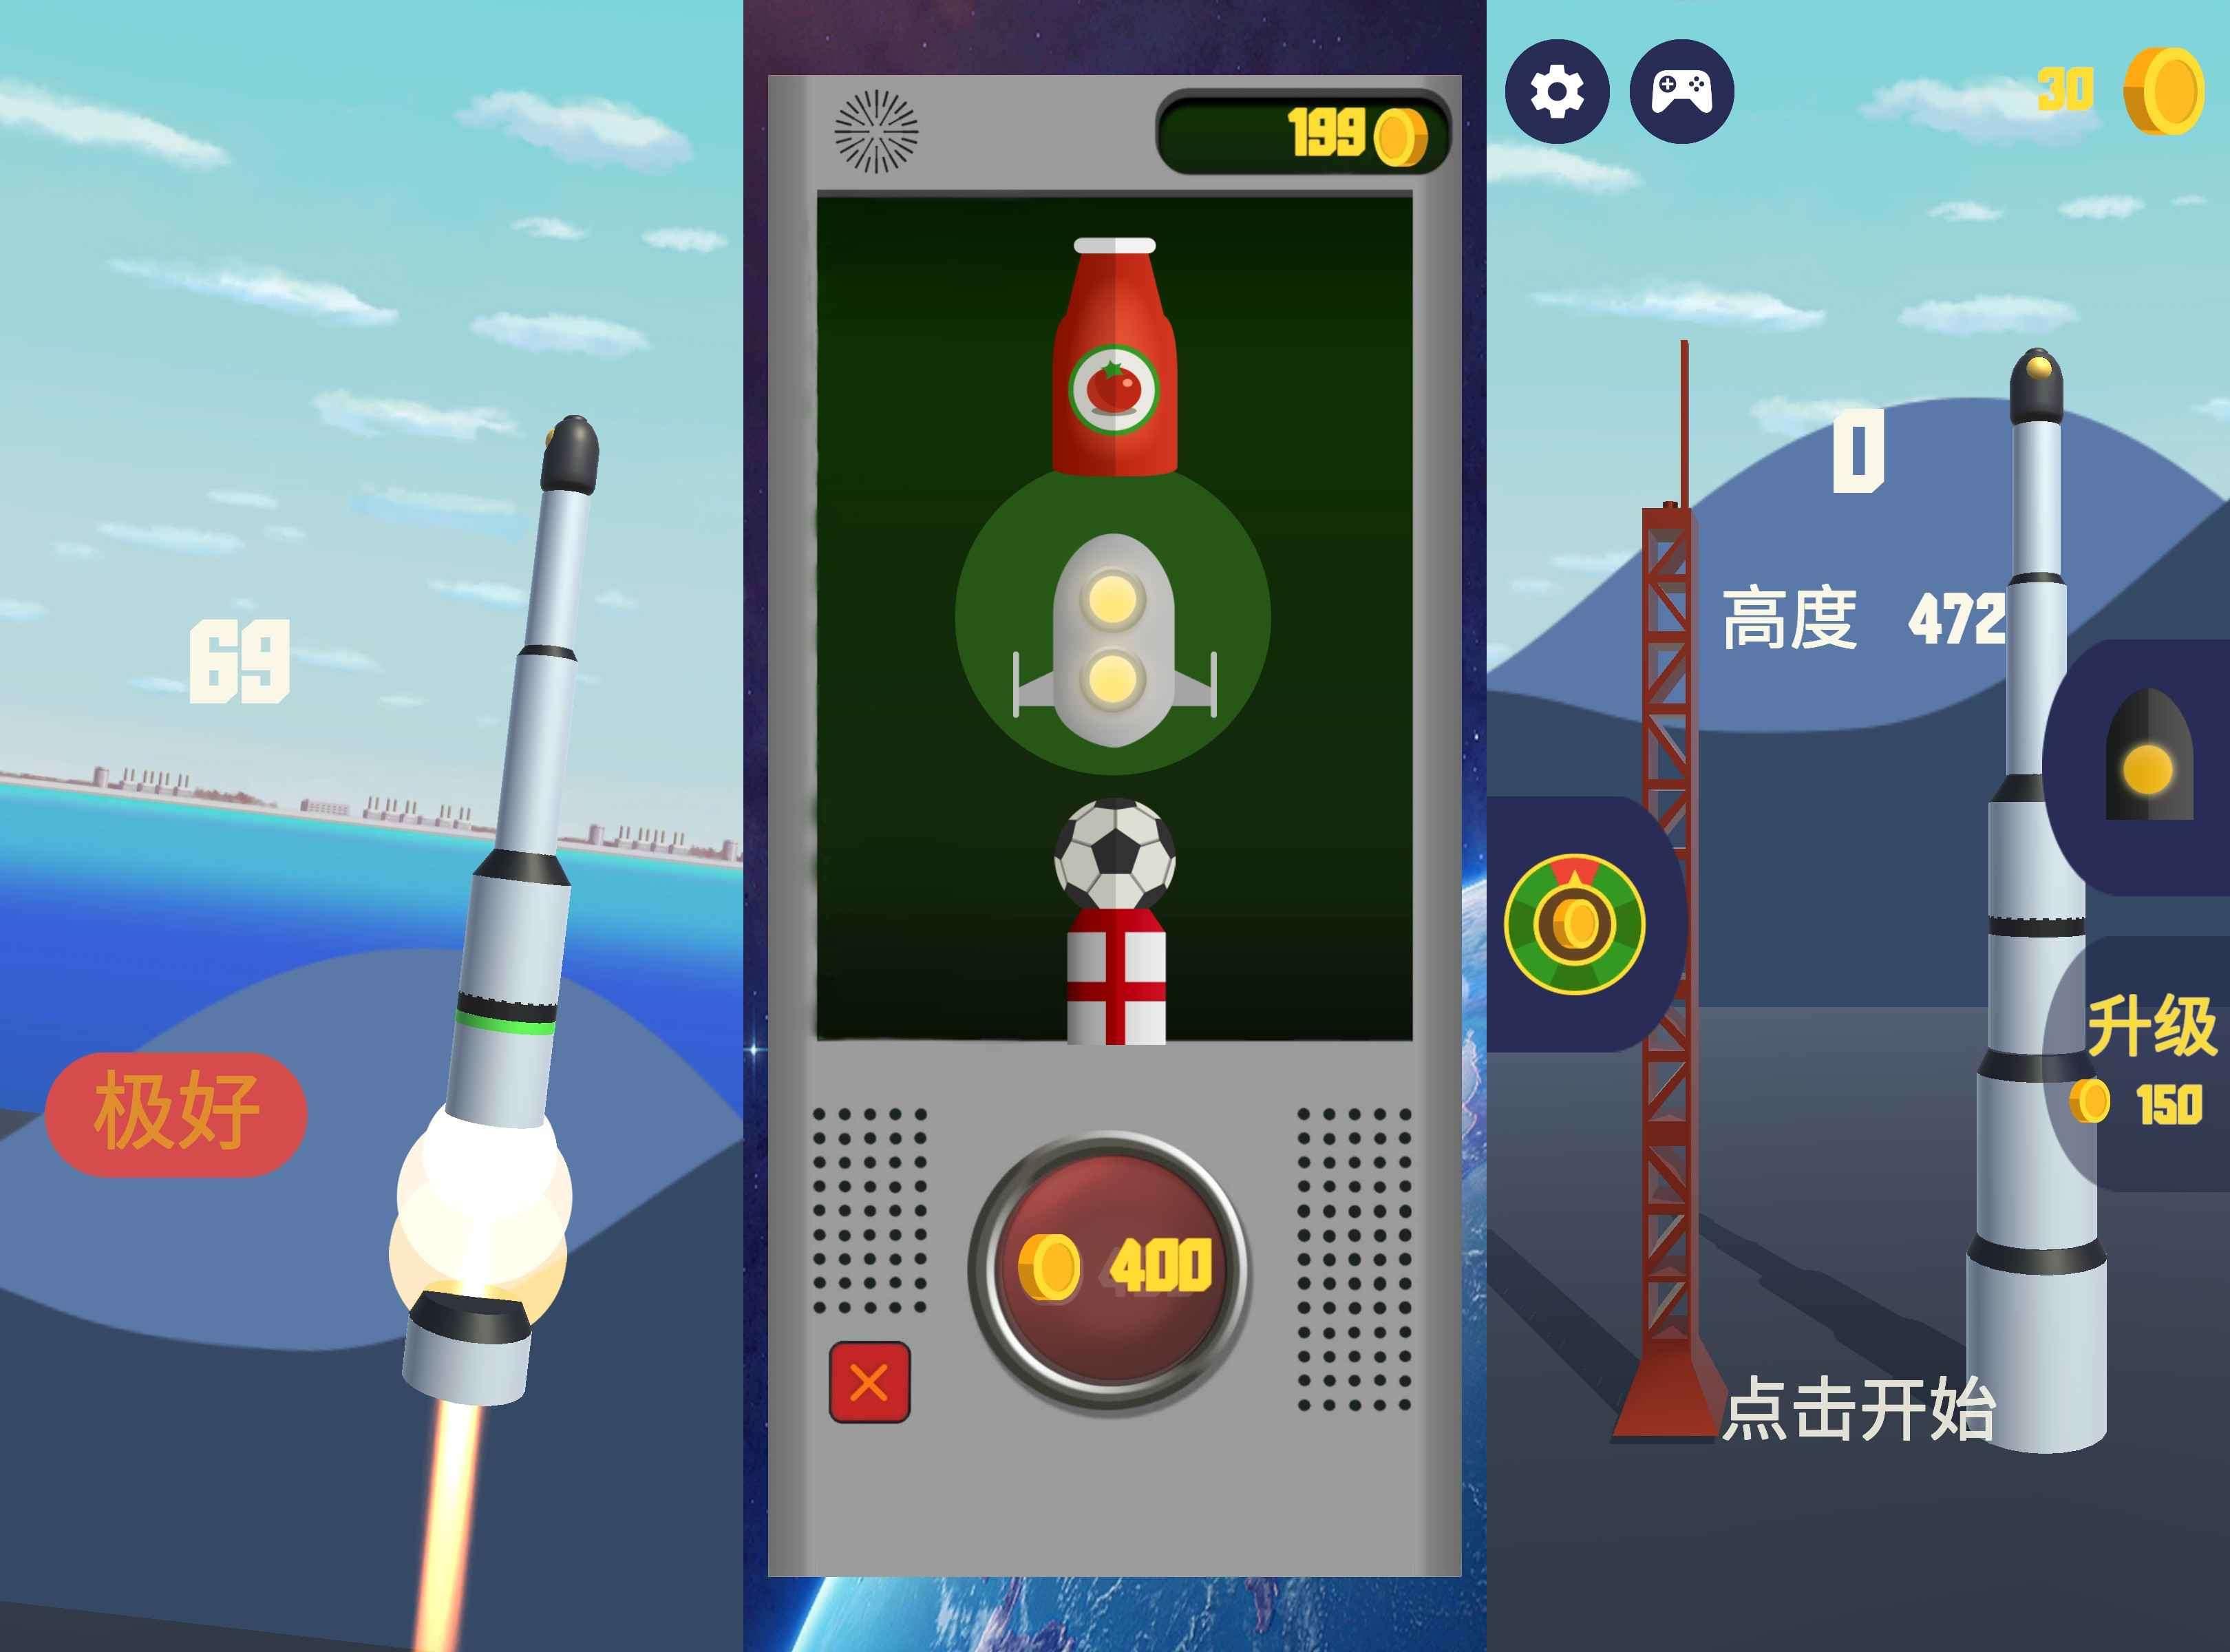 图片[1] 『安卓游戏』火箭发射器v0.0.1 旧人软件阁 软件阁 旧人网络资源 旧人资源网 软件阁旧人 旧人工作室